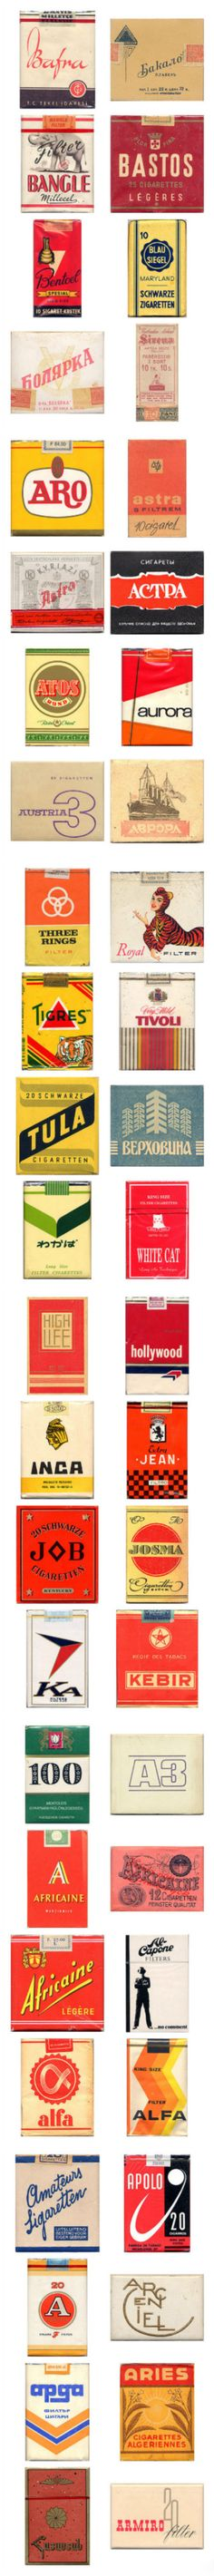 Φ复古包装Φ 世界各地香烟包装,时光的味道~ ◣by 旧时光百货◥